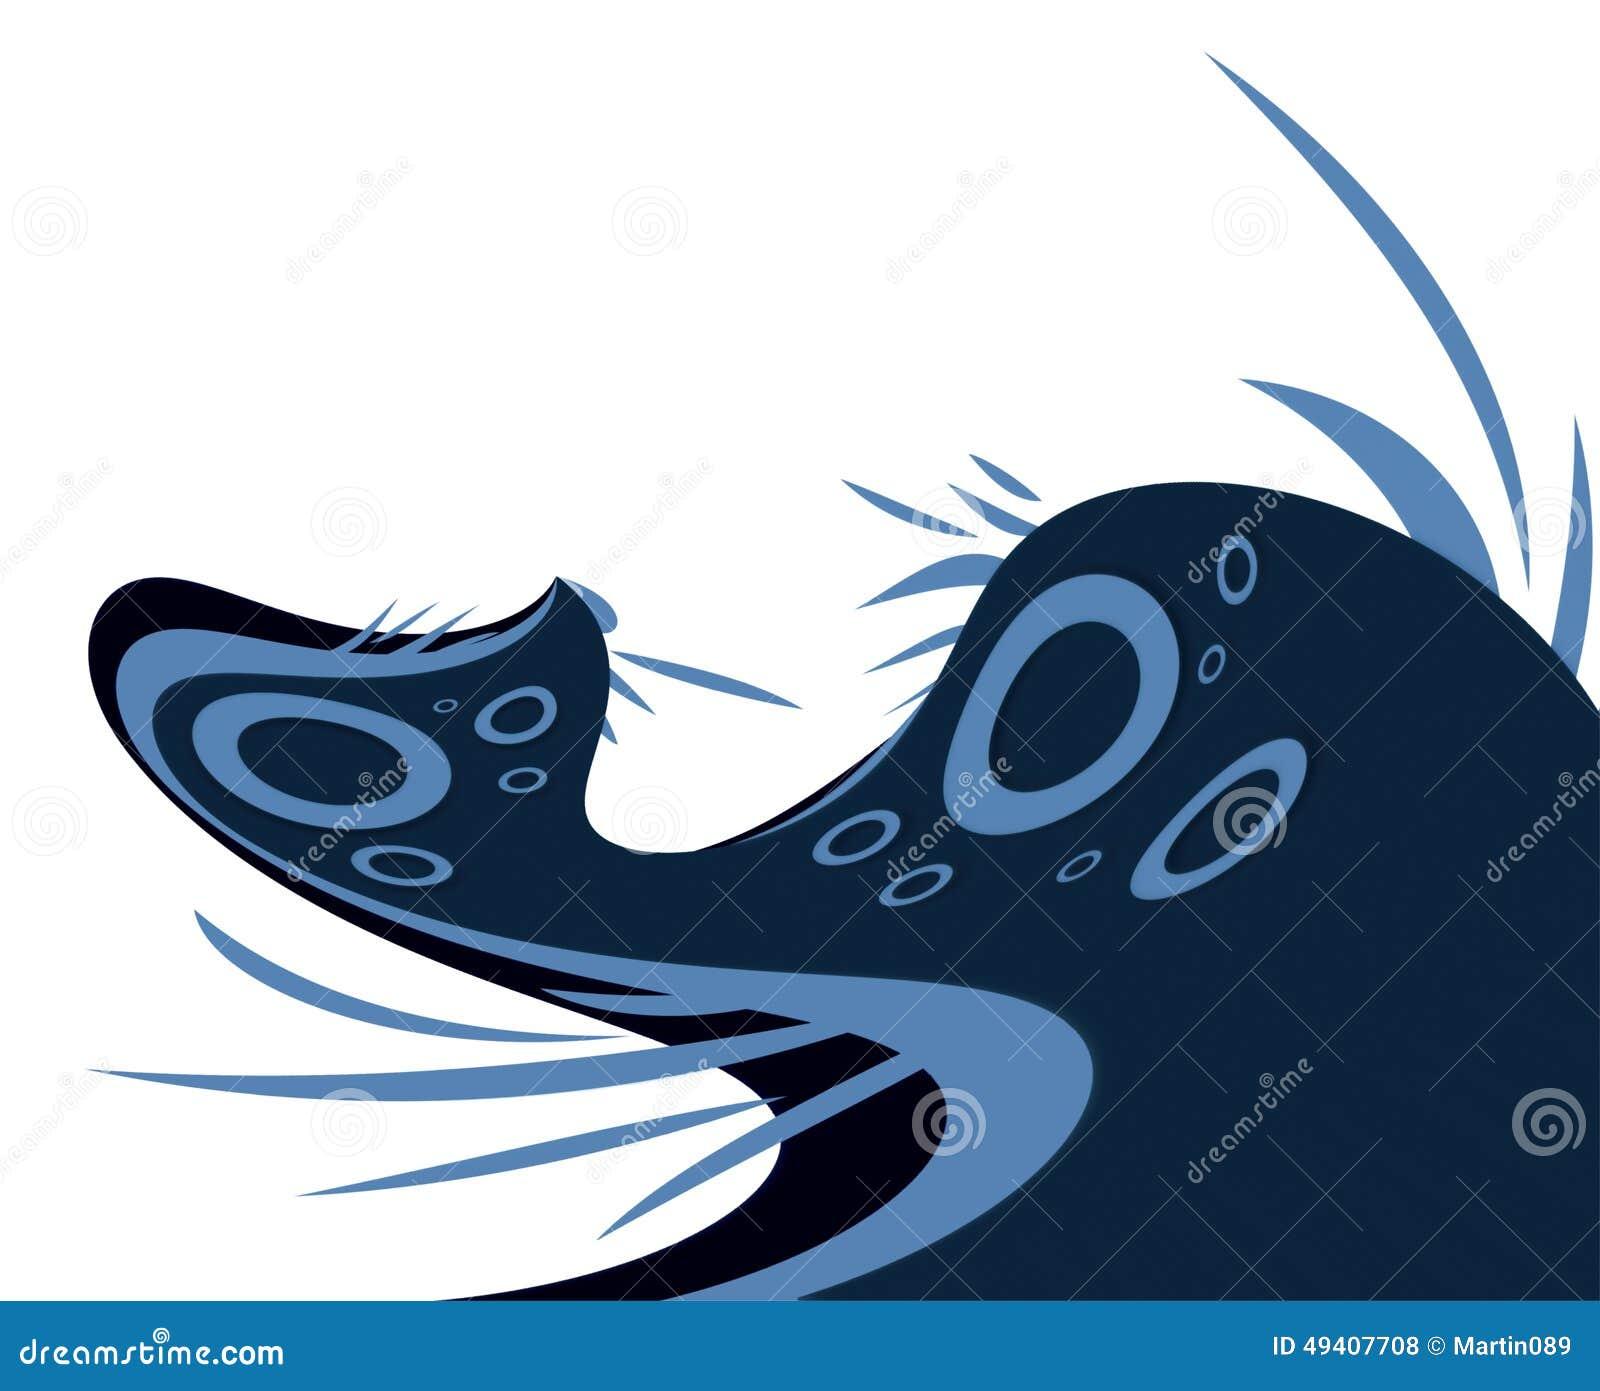 Download Abstrakte blaue Ecke stockfoto. Bild von dekor, zeichnung - 49407708